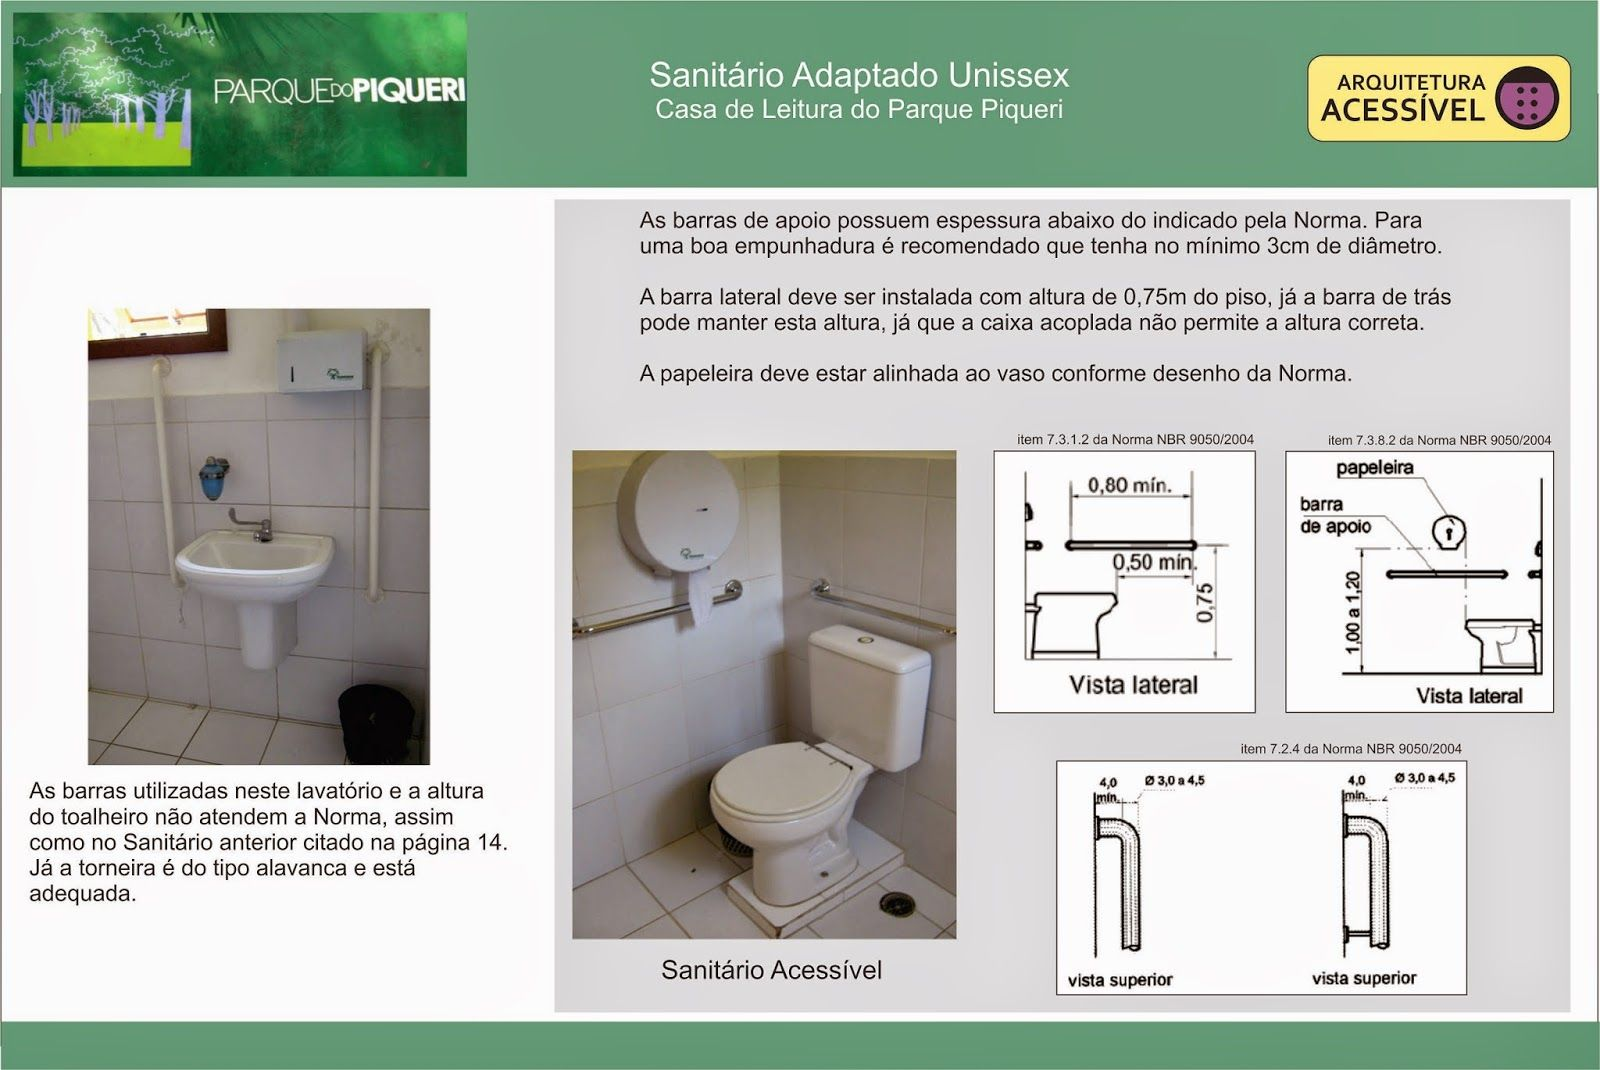 Brado Acessibilidade E Inclusao Arquitetura Acessivel Sanitario